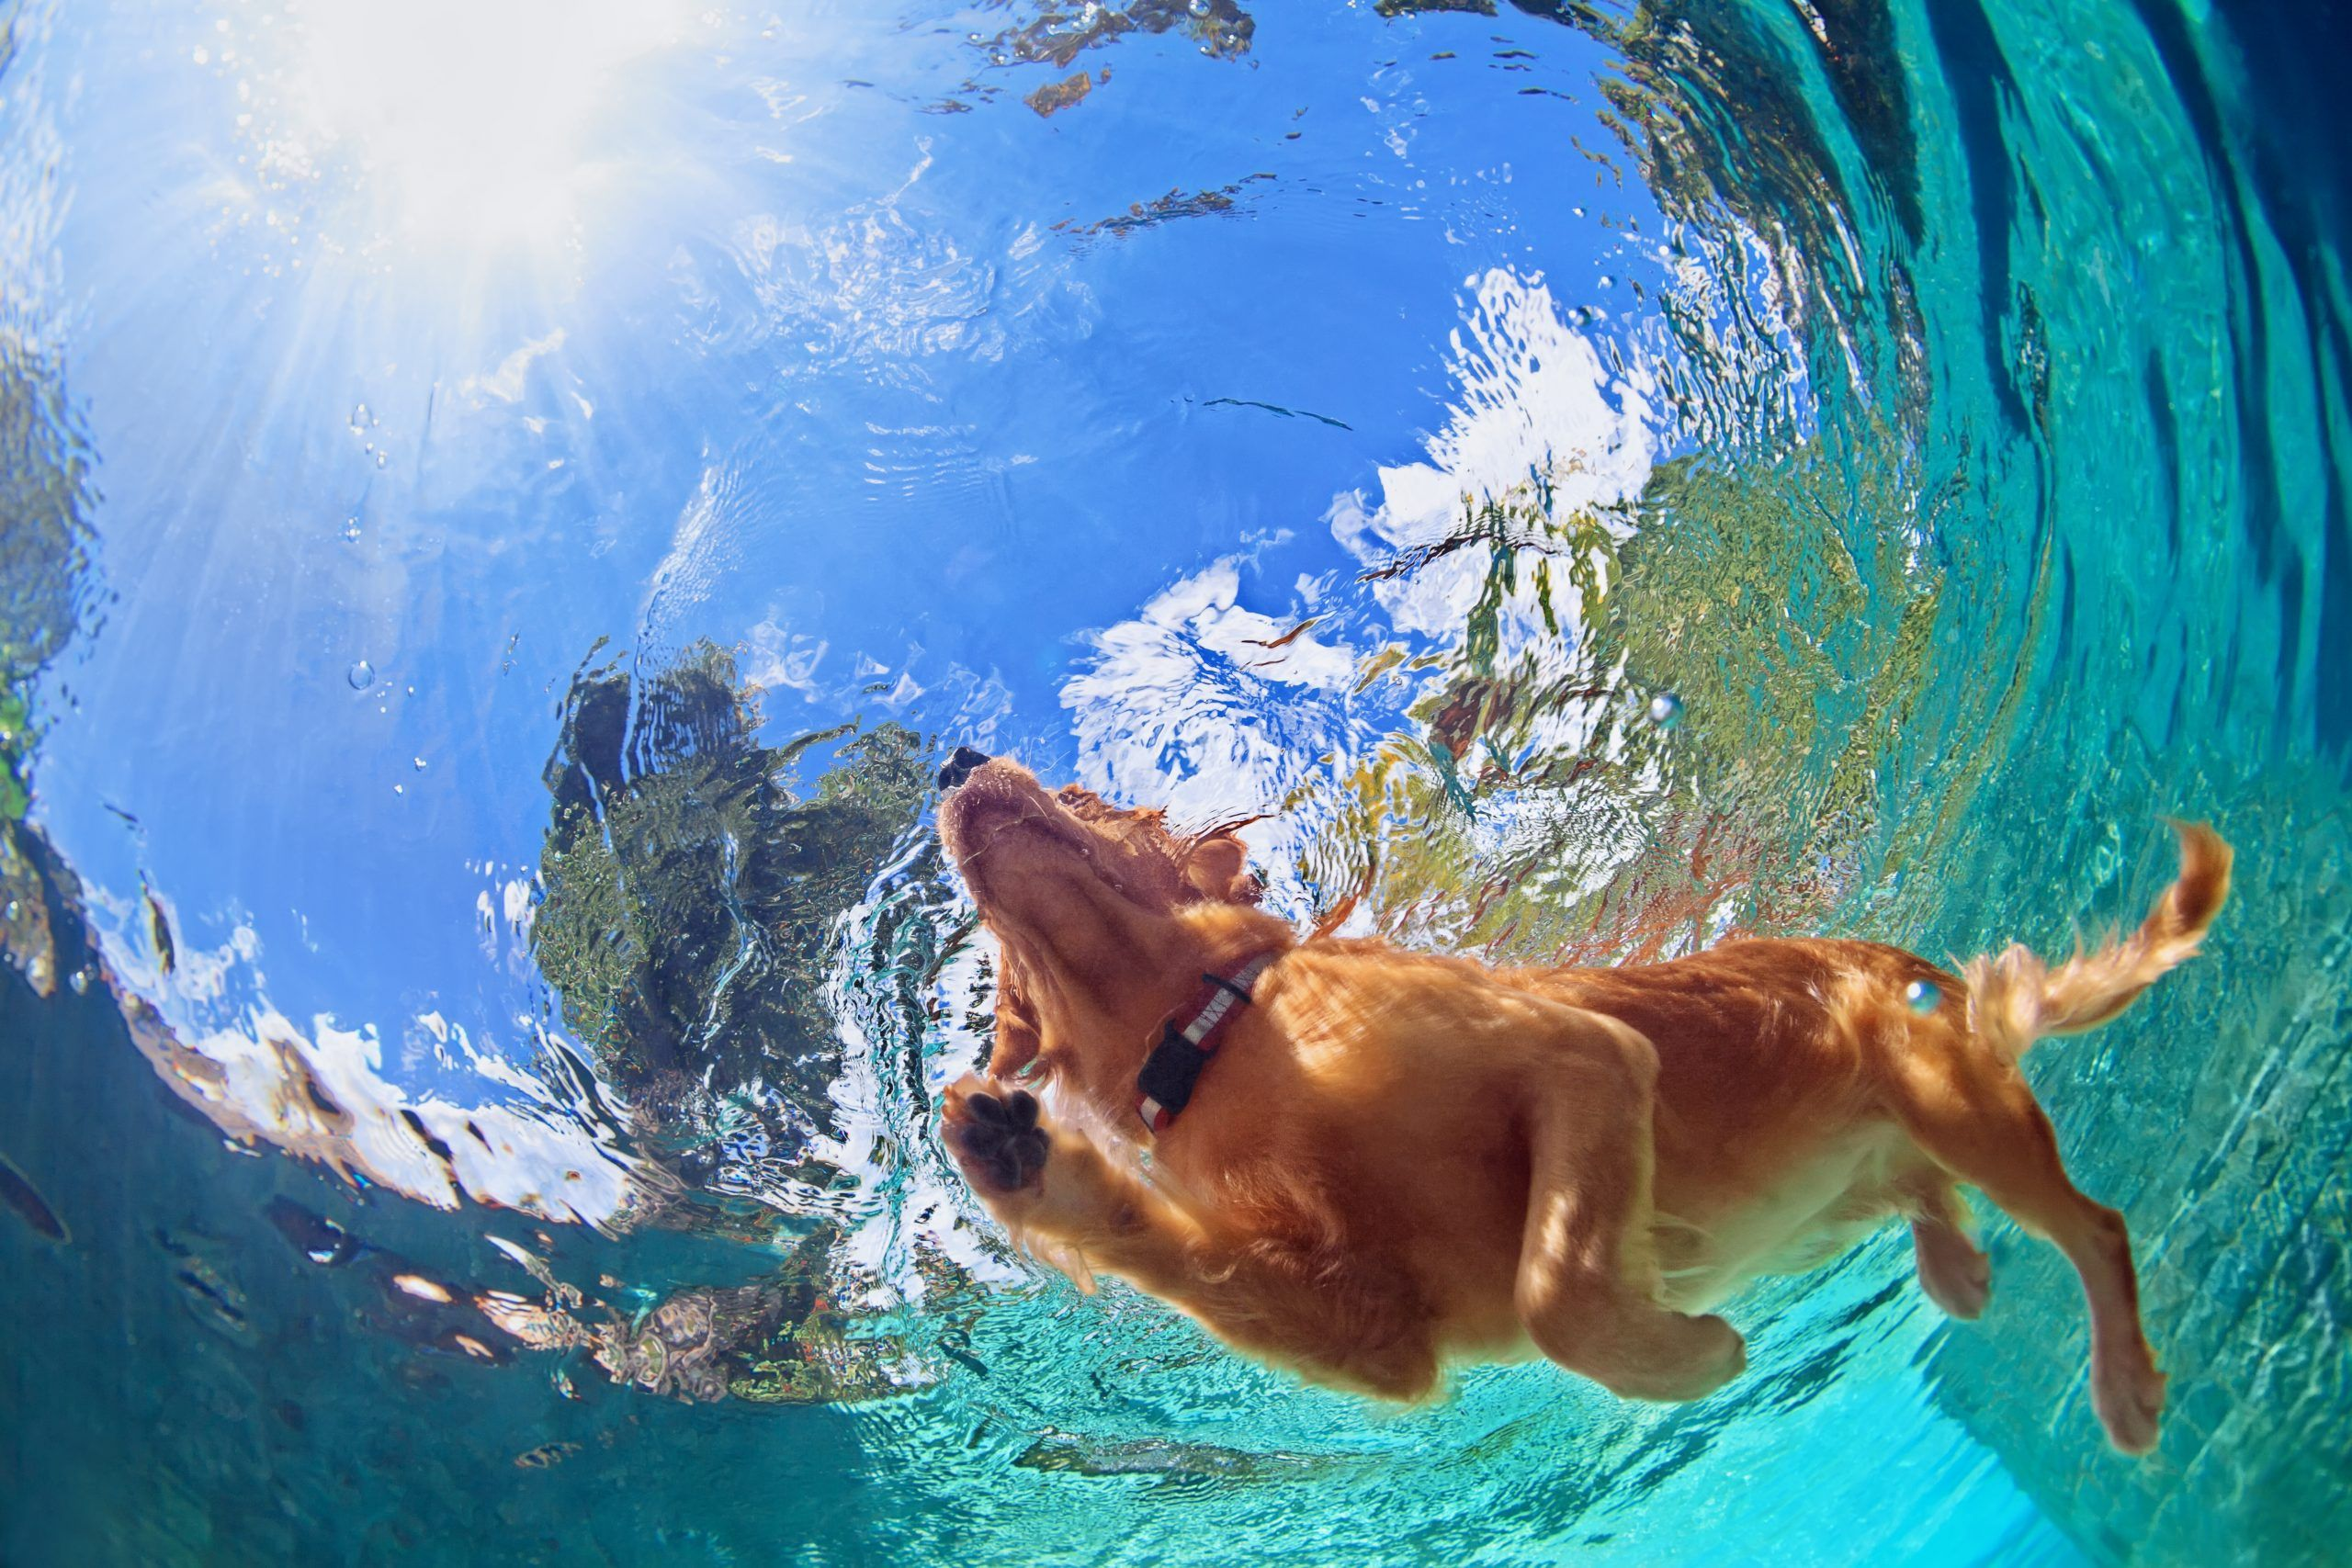 Hond laten zwemmen: tips voor de beste plekken en veiligheid